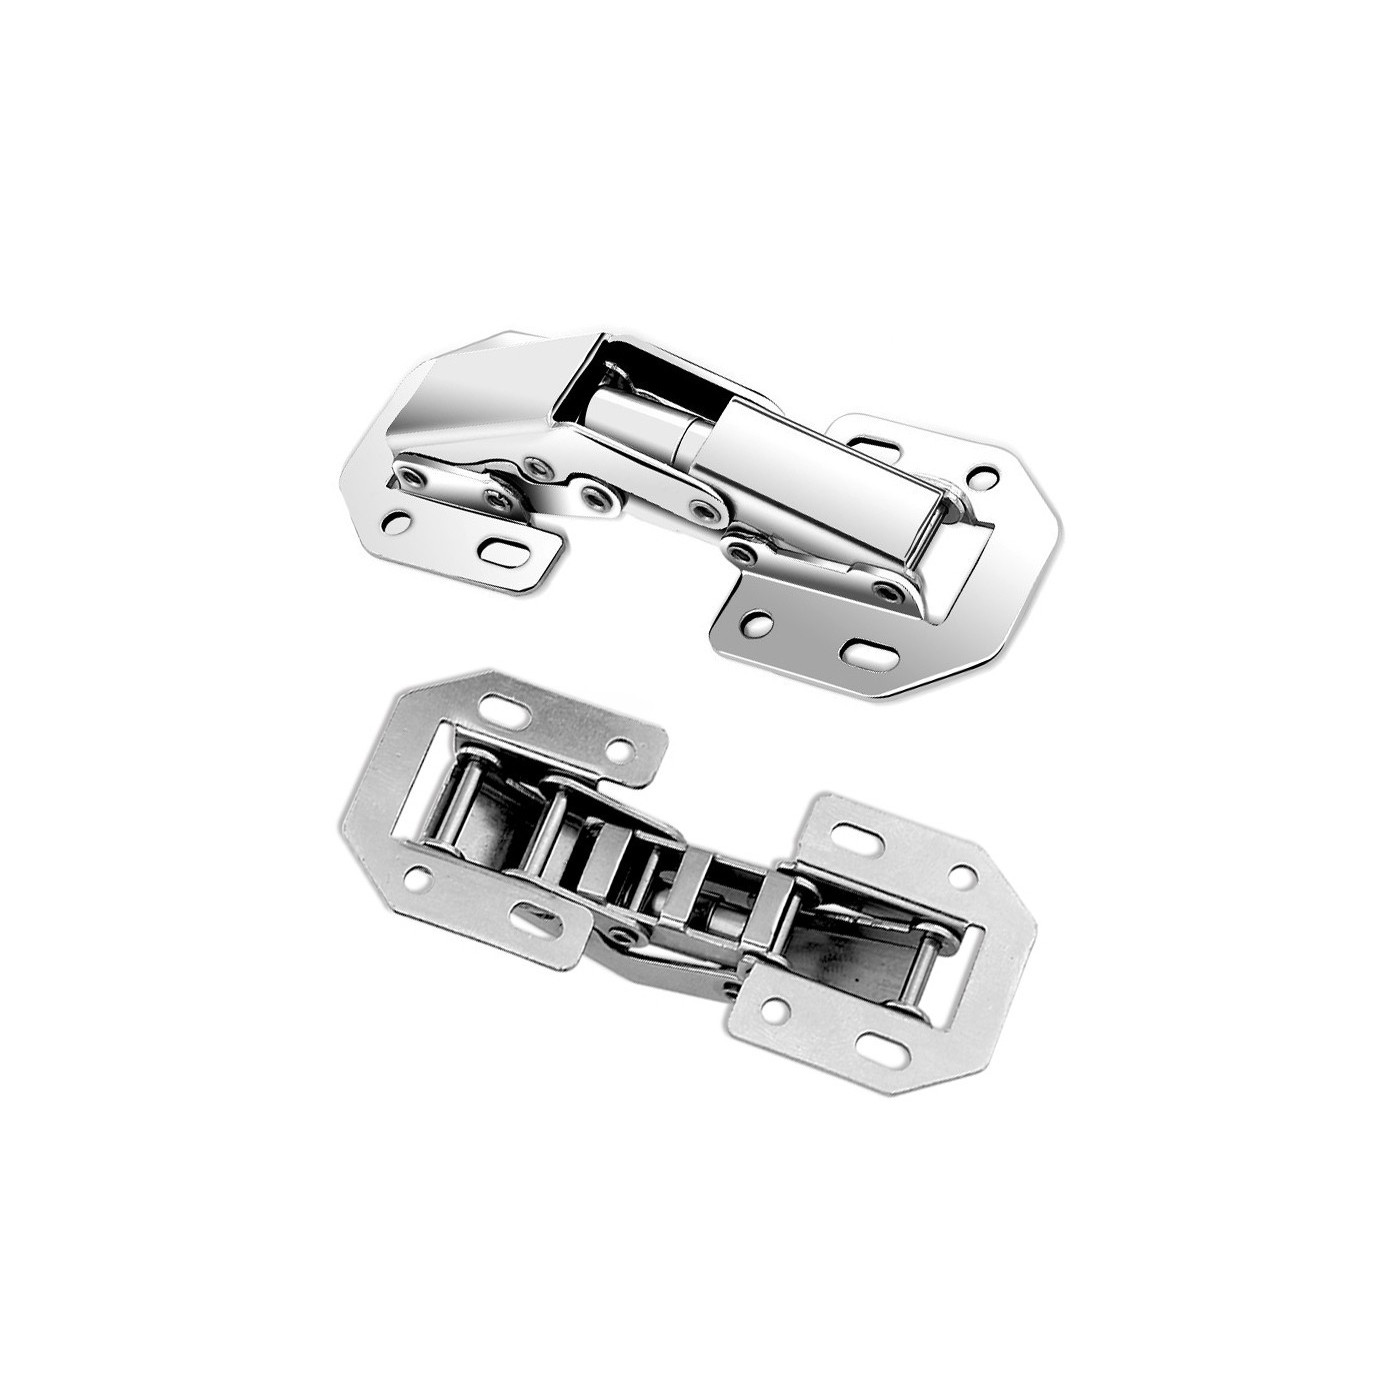 Conjunto de 16 dobradiças metálicas (tamanho 2: 115 mm)  - 1